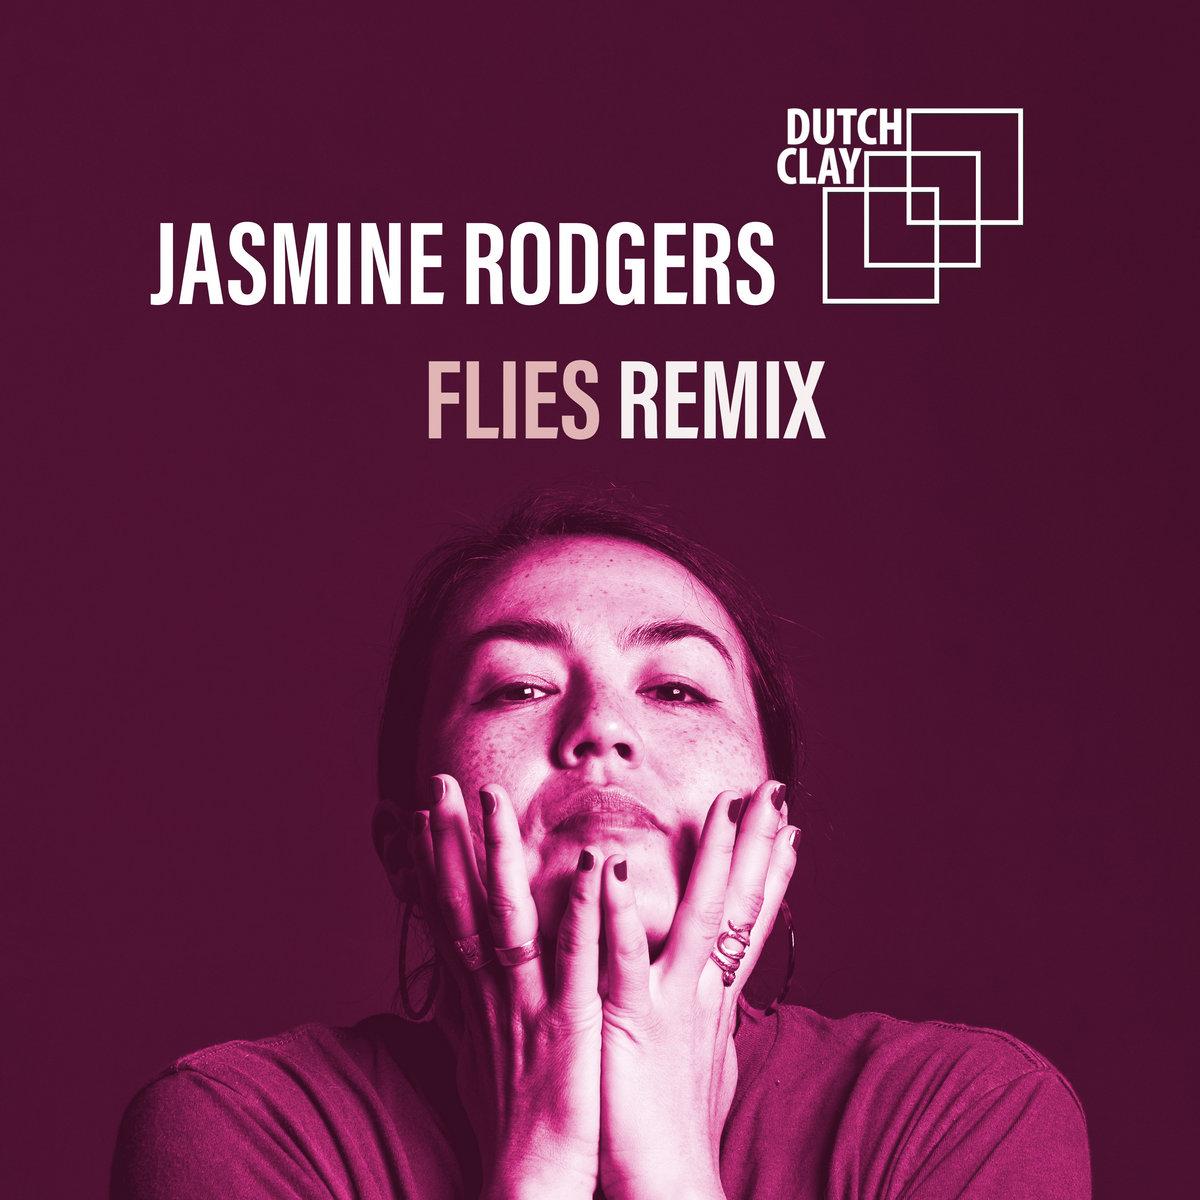 Flies (Dutch Clay Remix) by Jasmine Rodgers, Dutch Clay